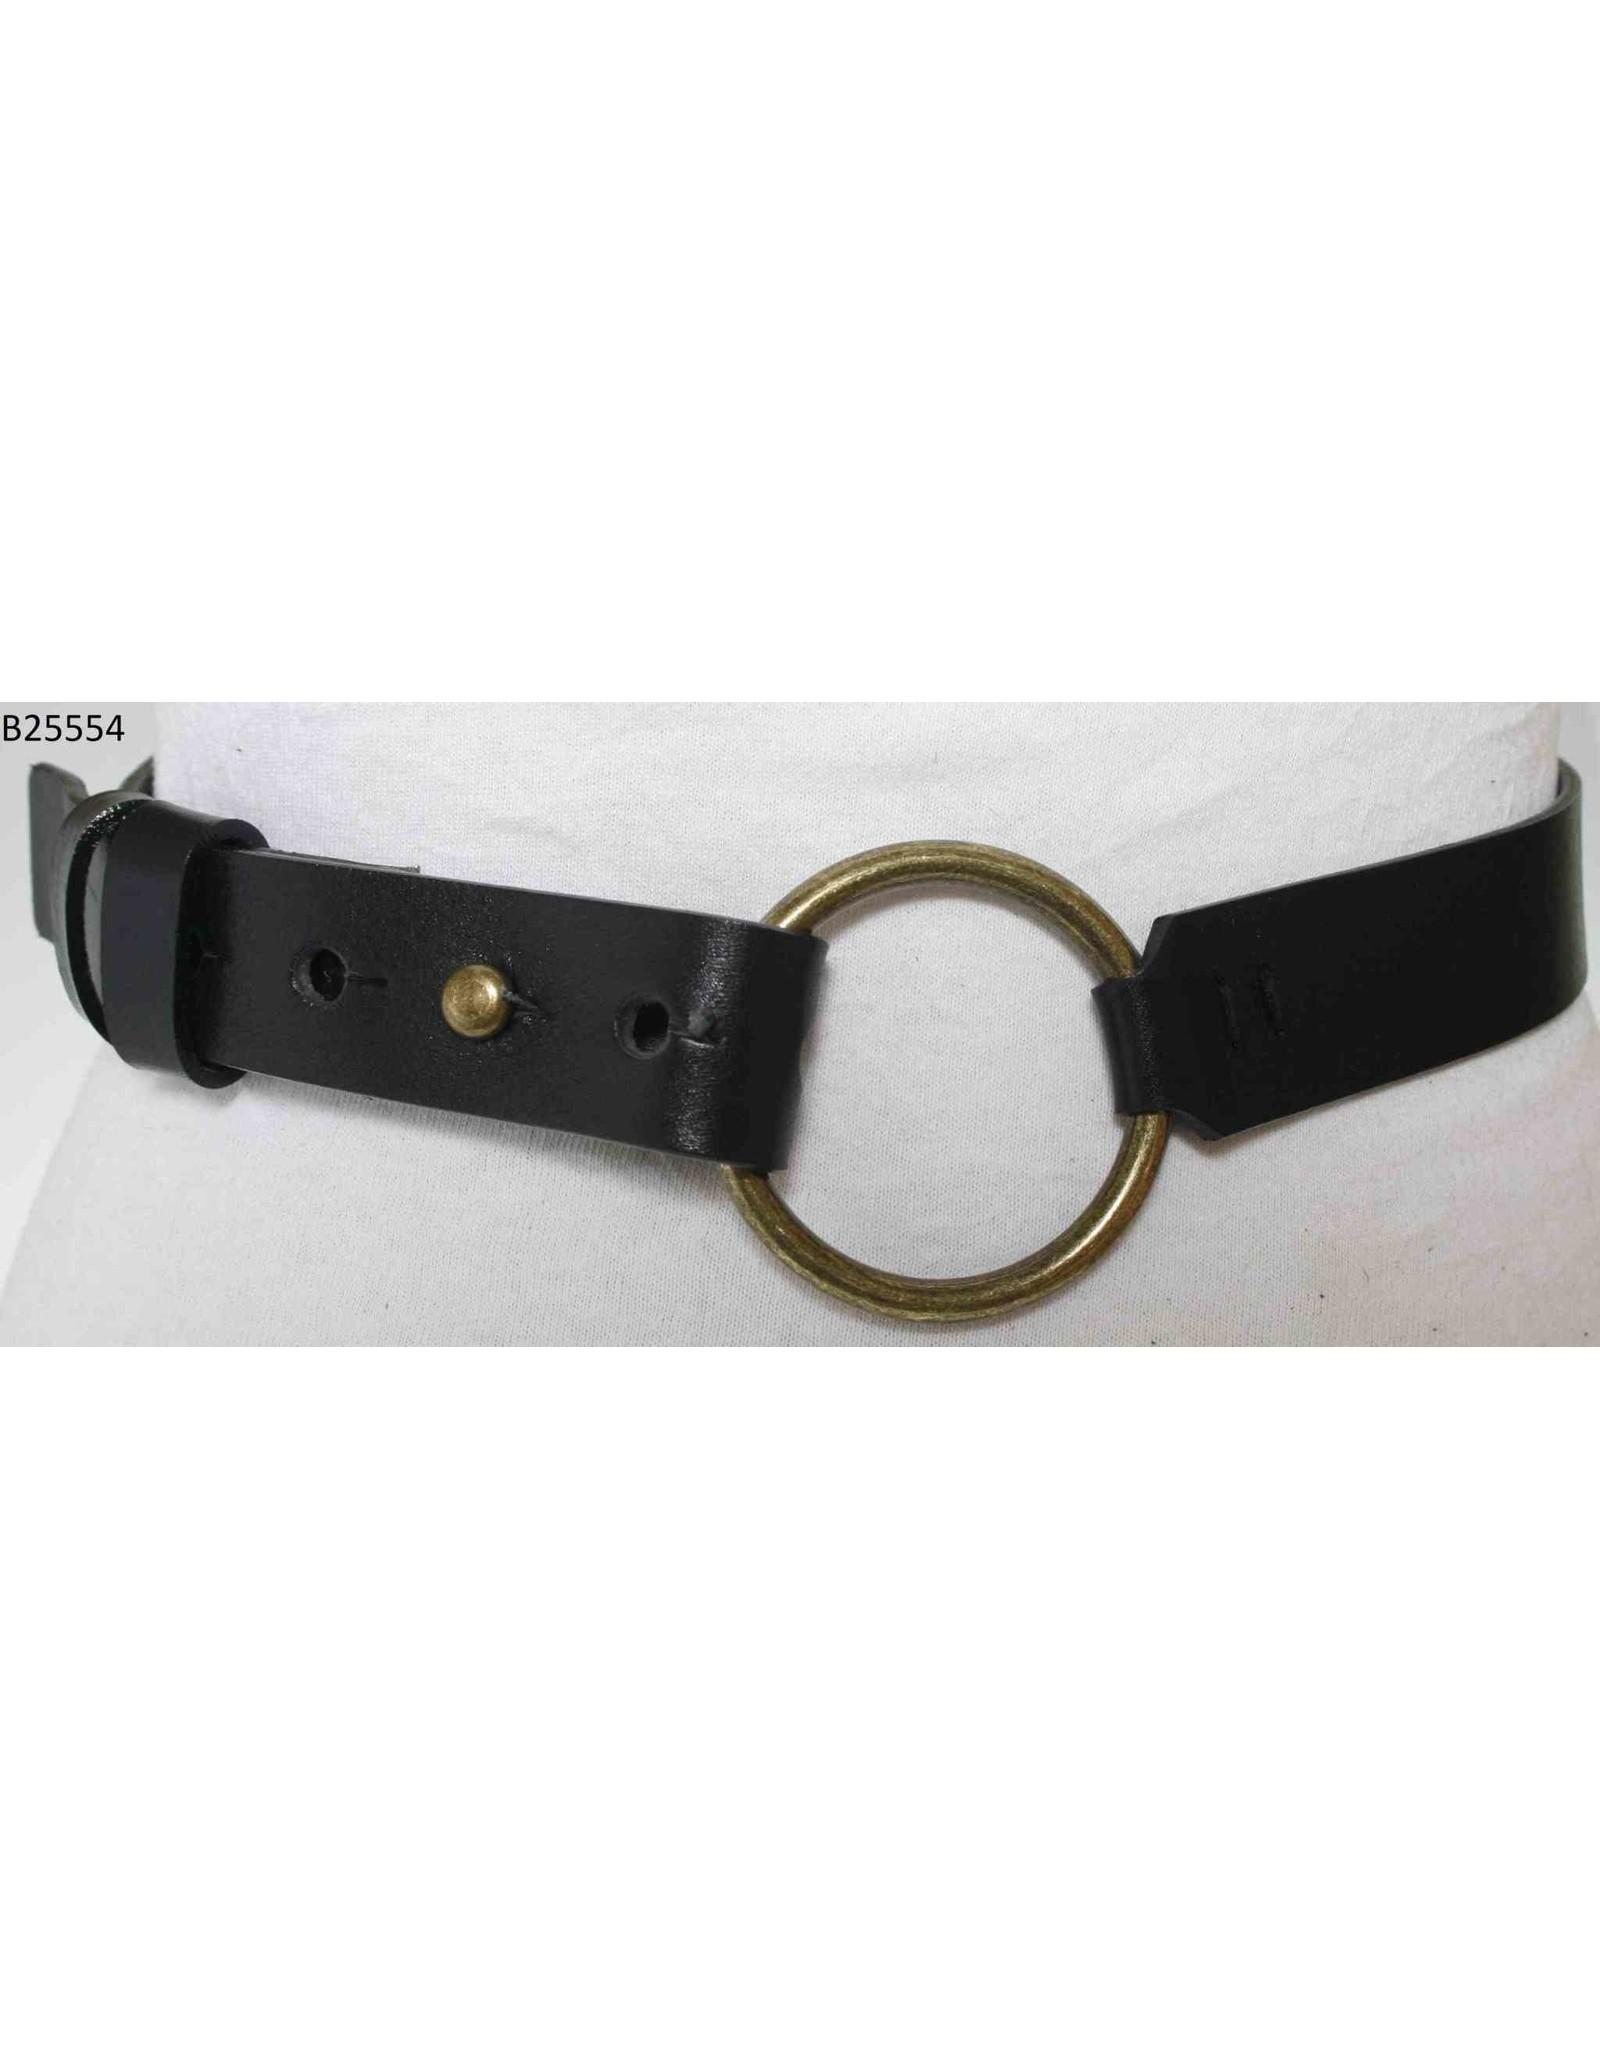 Medike Landes Medike Landes - Lyla black leather belt with front ring